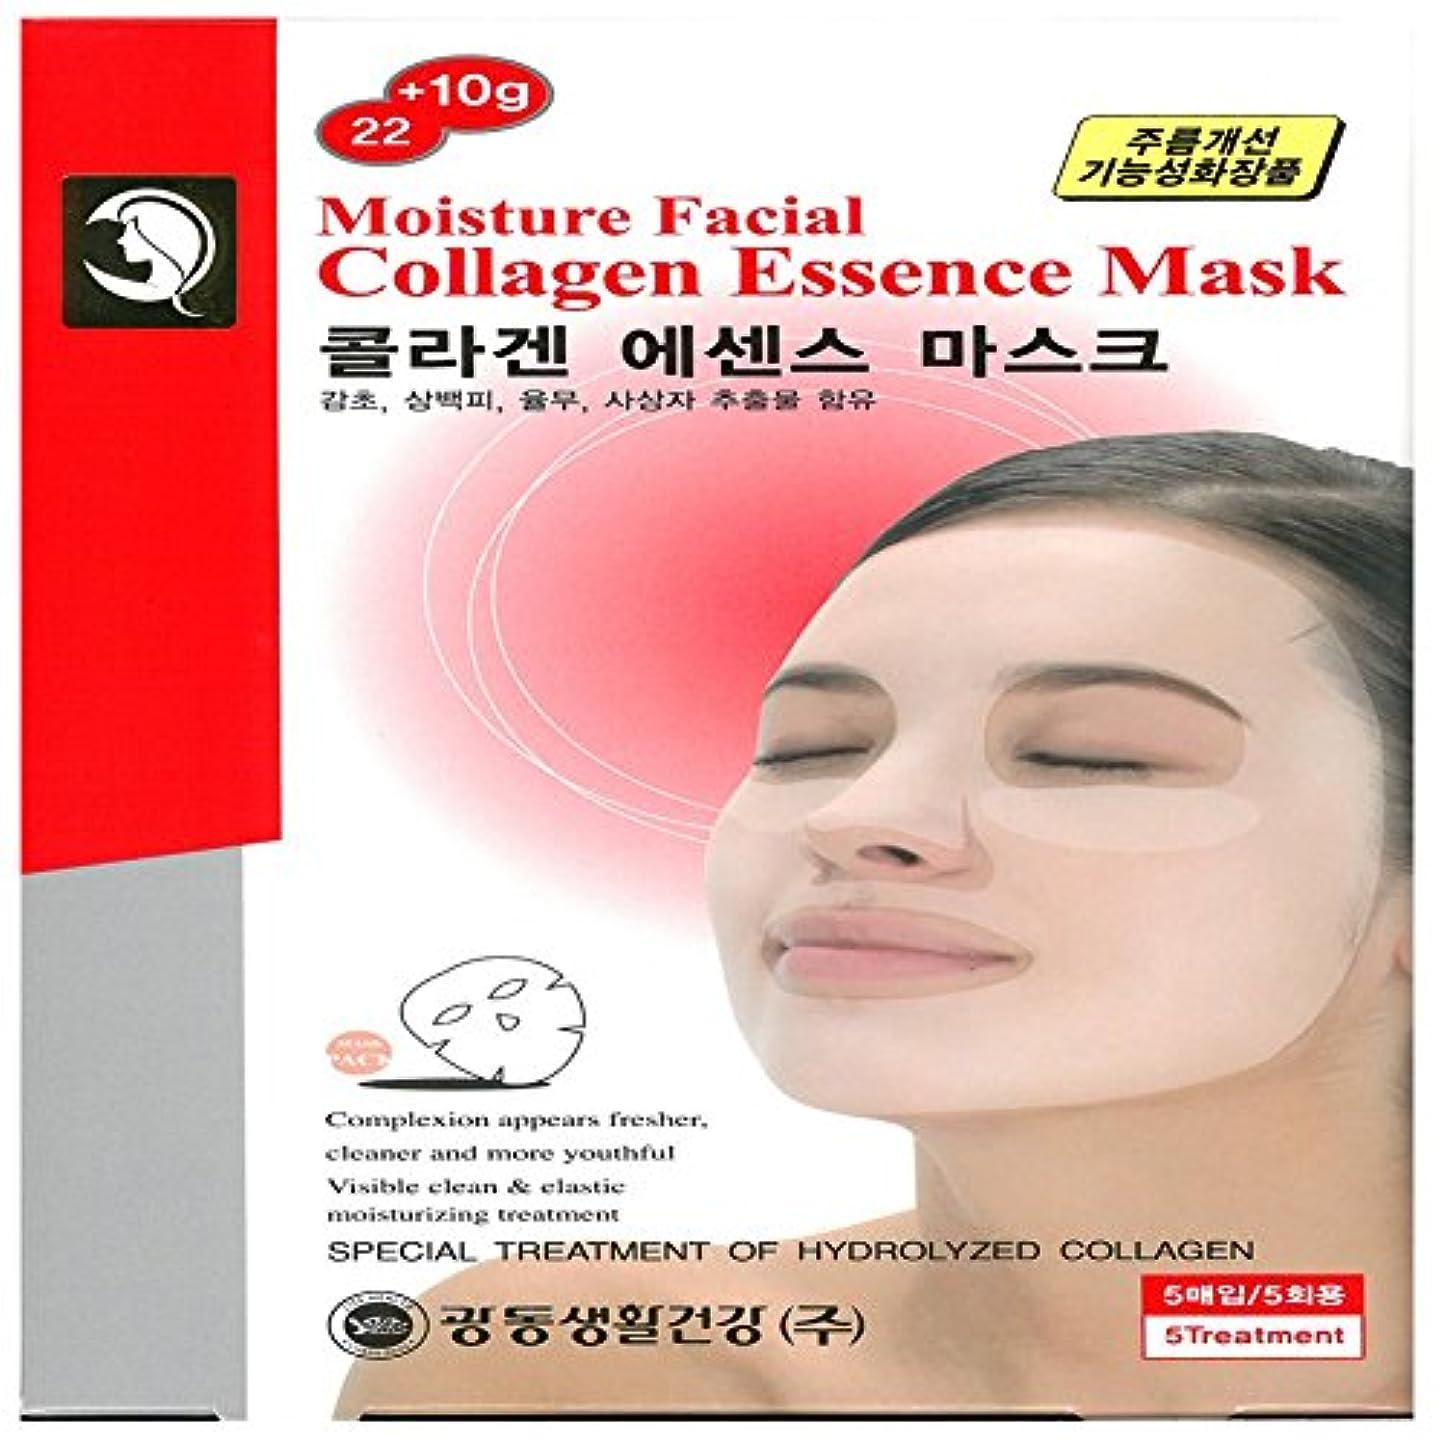 ドラッグ梨胸[光東] kwangdong モイスチャーフェイシャルコラーゲンエッセンスマスク Moisture Facial Collagen Essence Mask 32gX5ea (海外直送品) [並行輸入品]